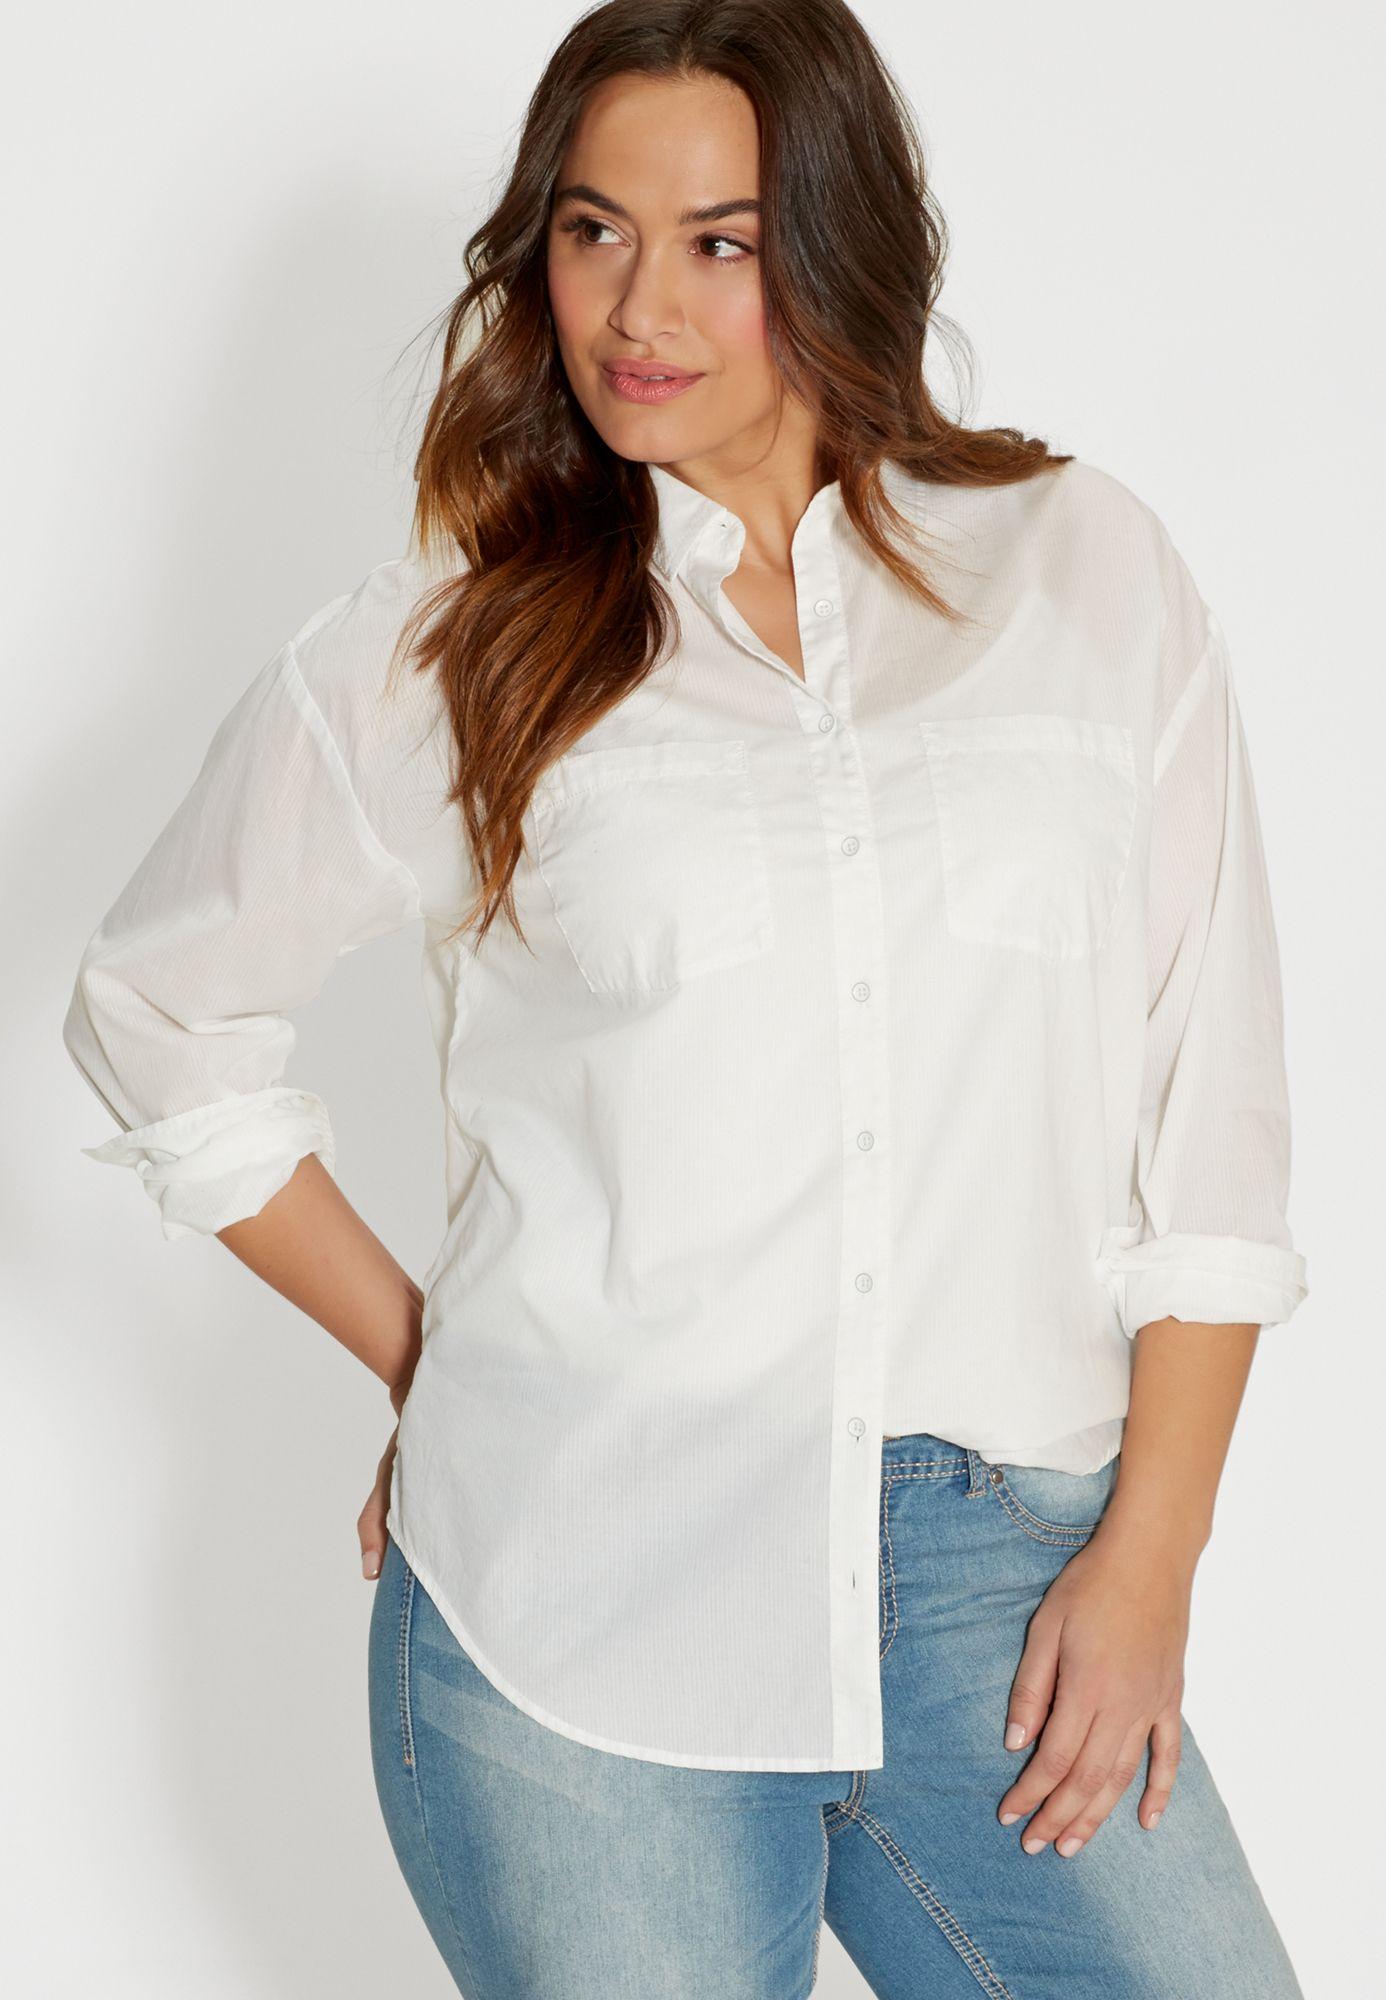 White Boyfriend Shirt Plus Size